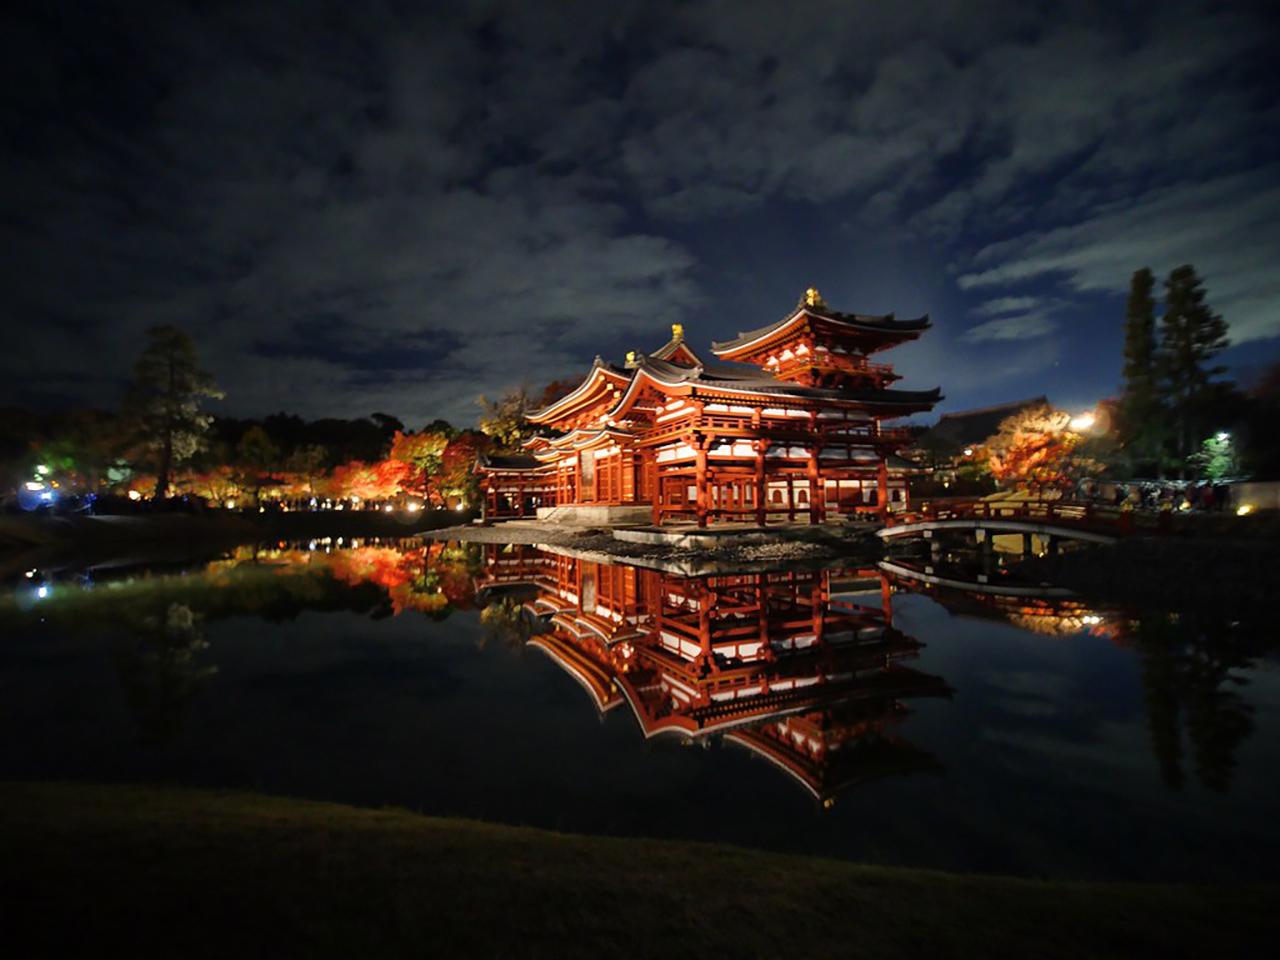 บรรยากาศยามค่ำคืนของวัดเบียวโดอิน จุดชมใบไม้เปลี่ยนสี ใน เกียวโต